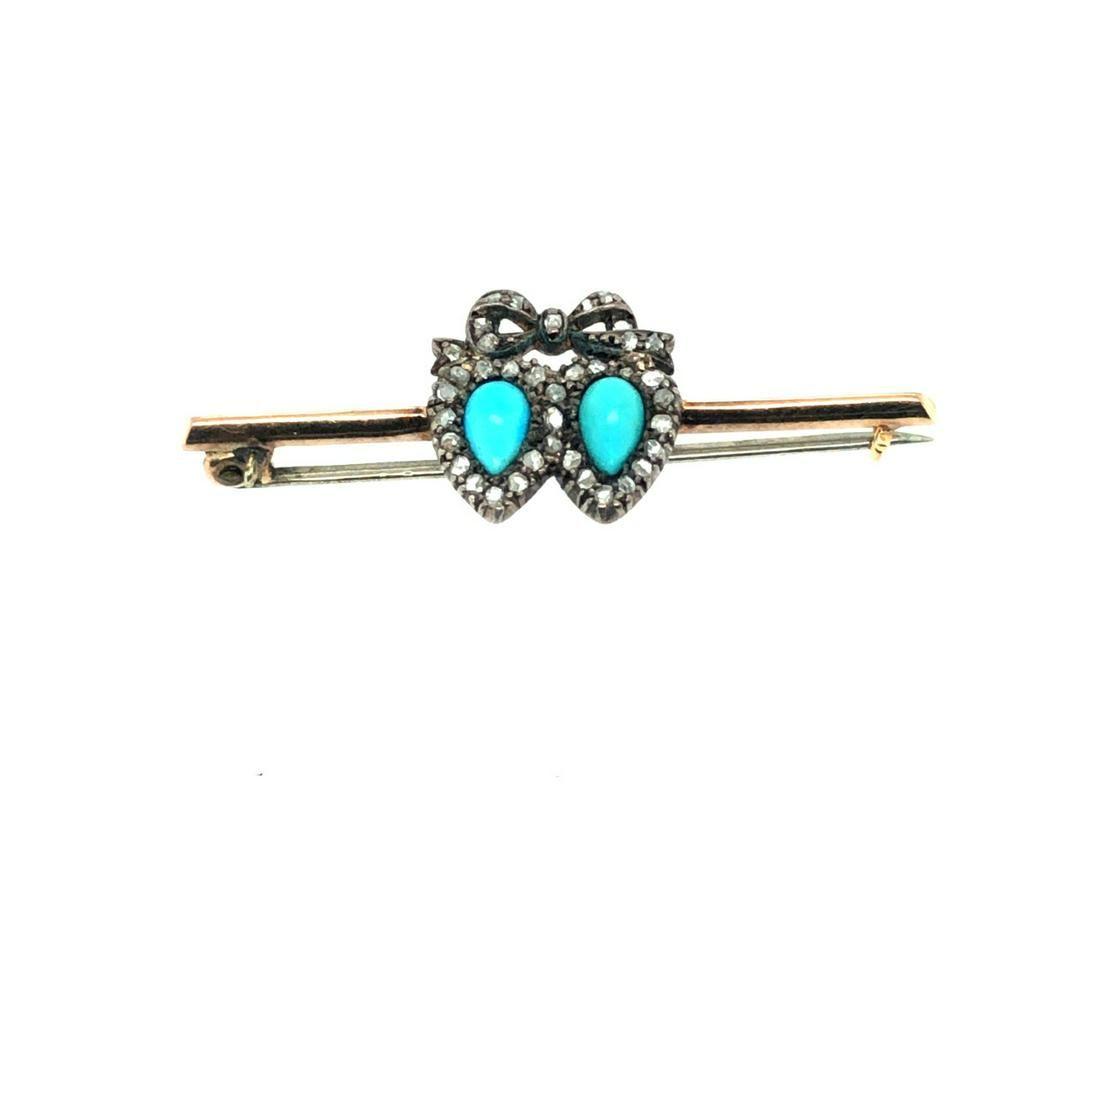 Victorian Double Heart Diamond Pin